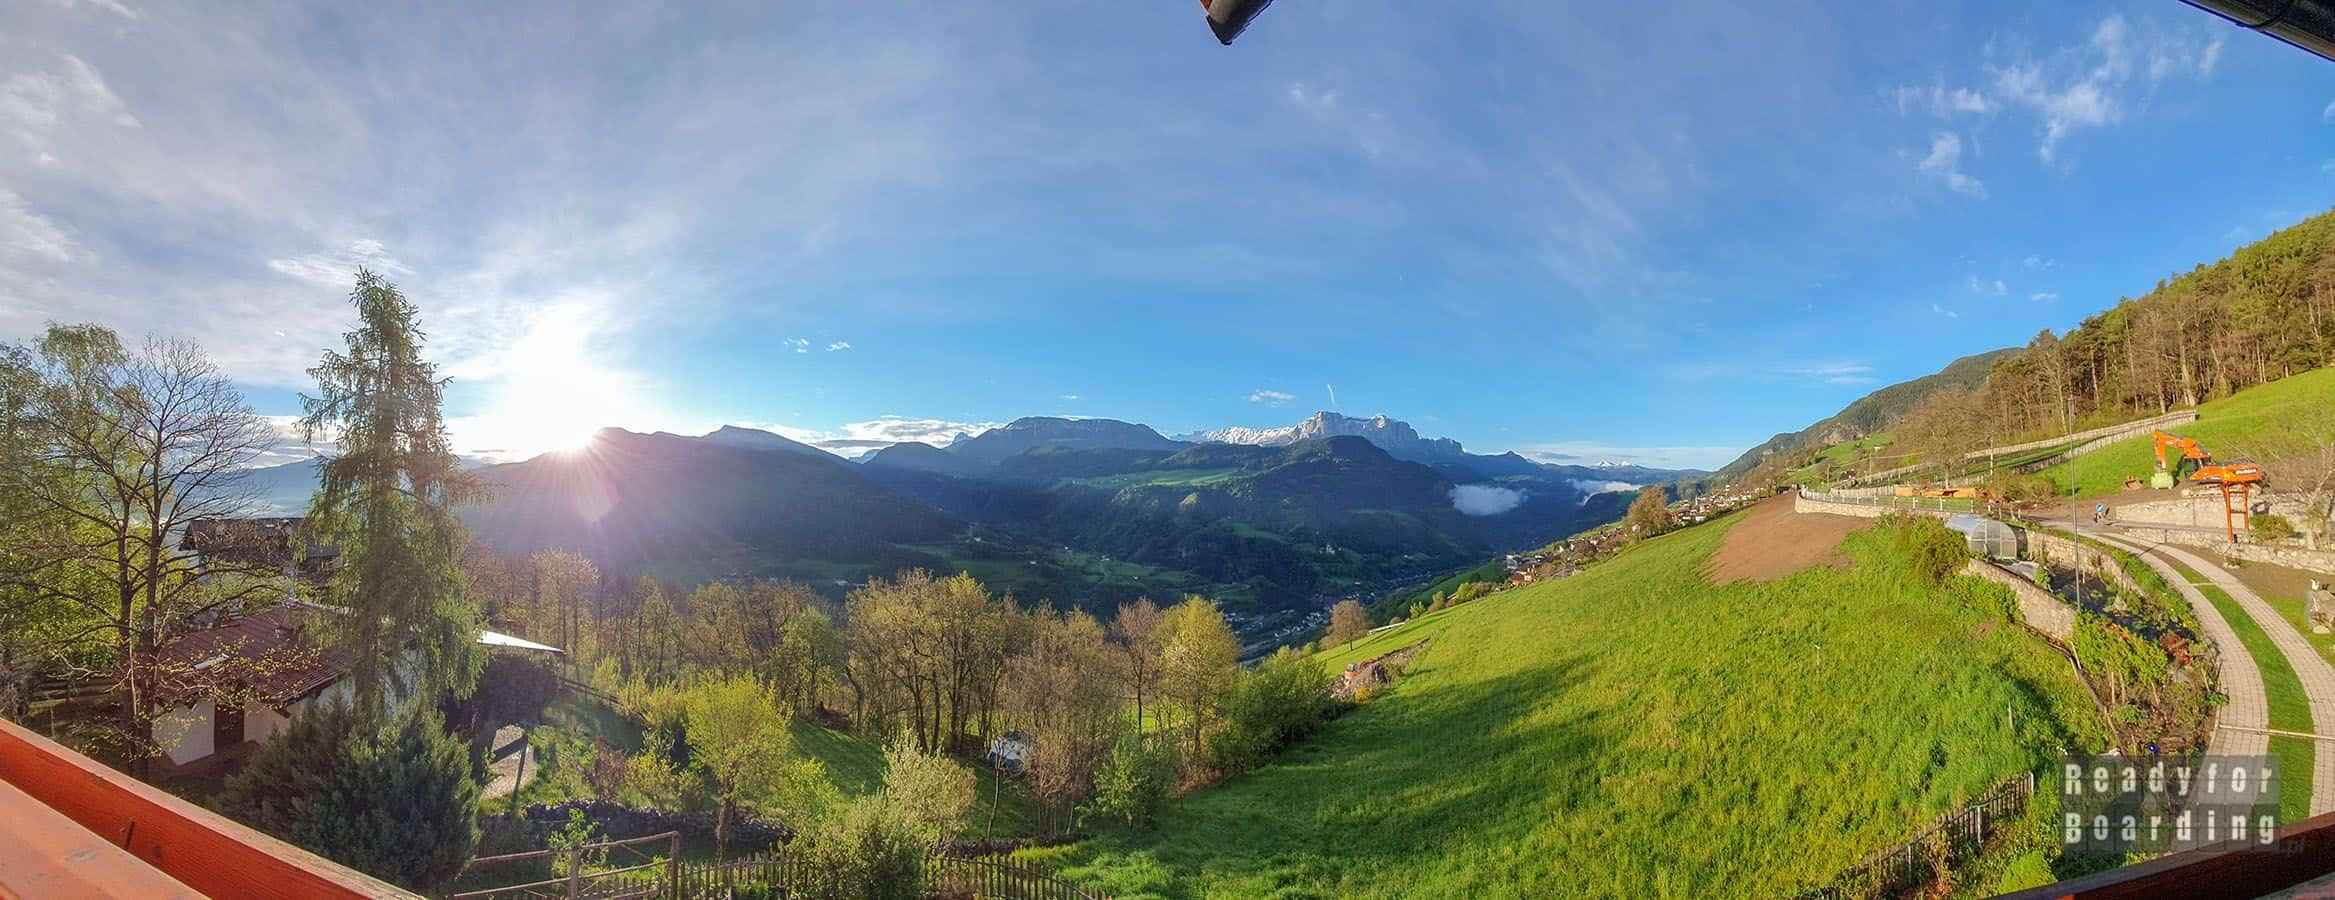 Panorama: Roter Hahn – agroturystyka w Południowym Tyrolu